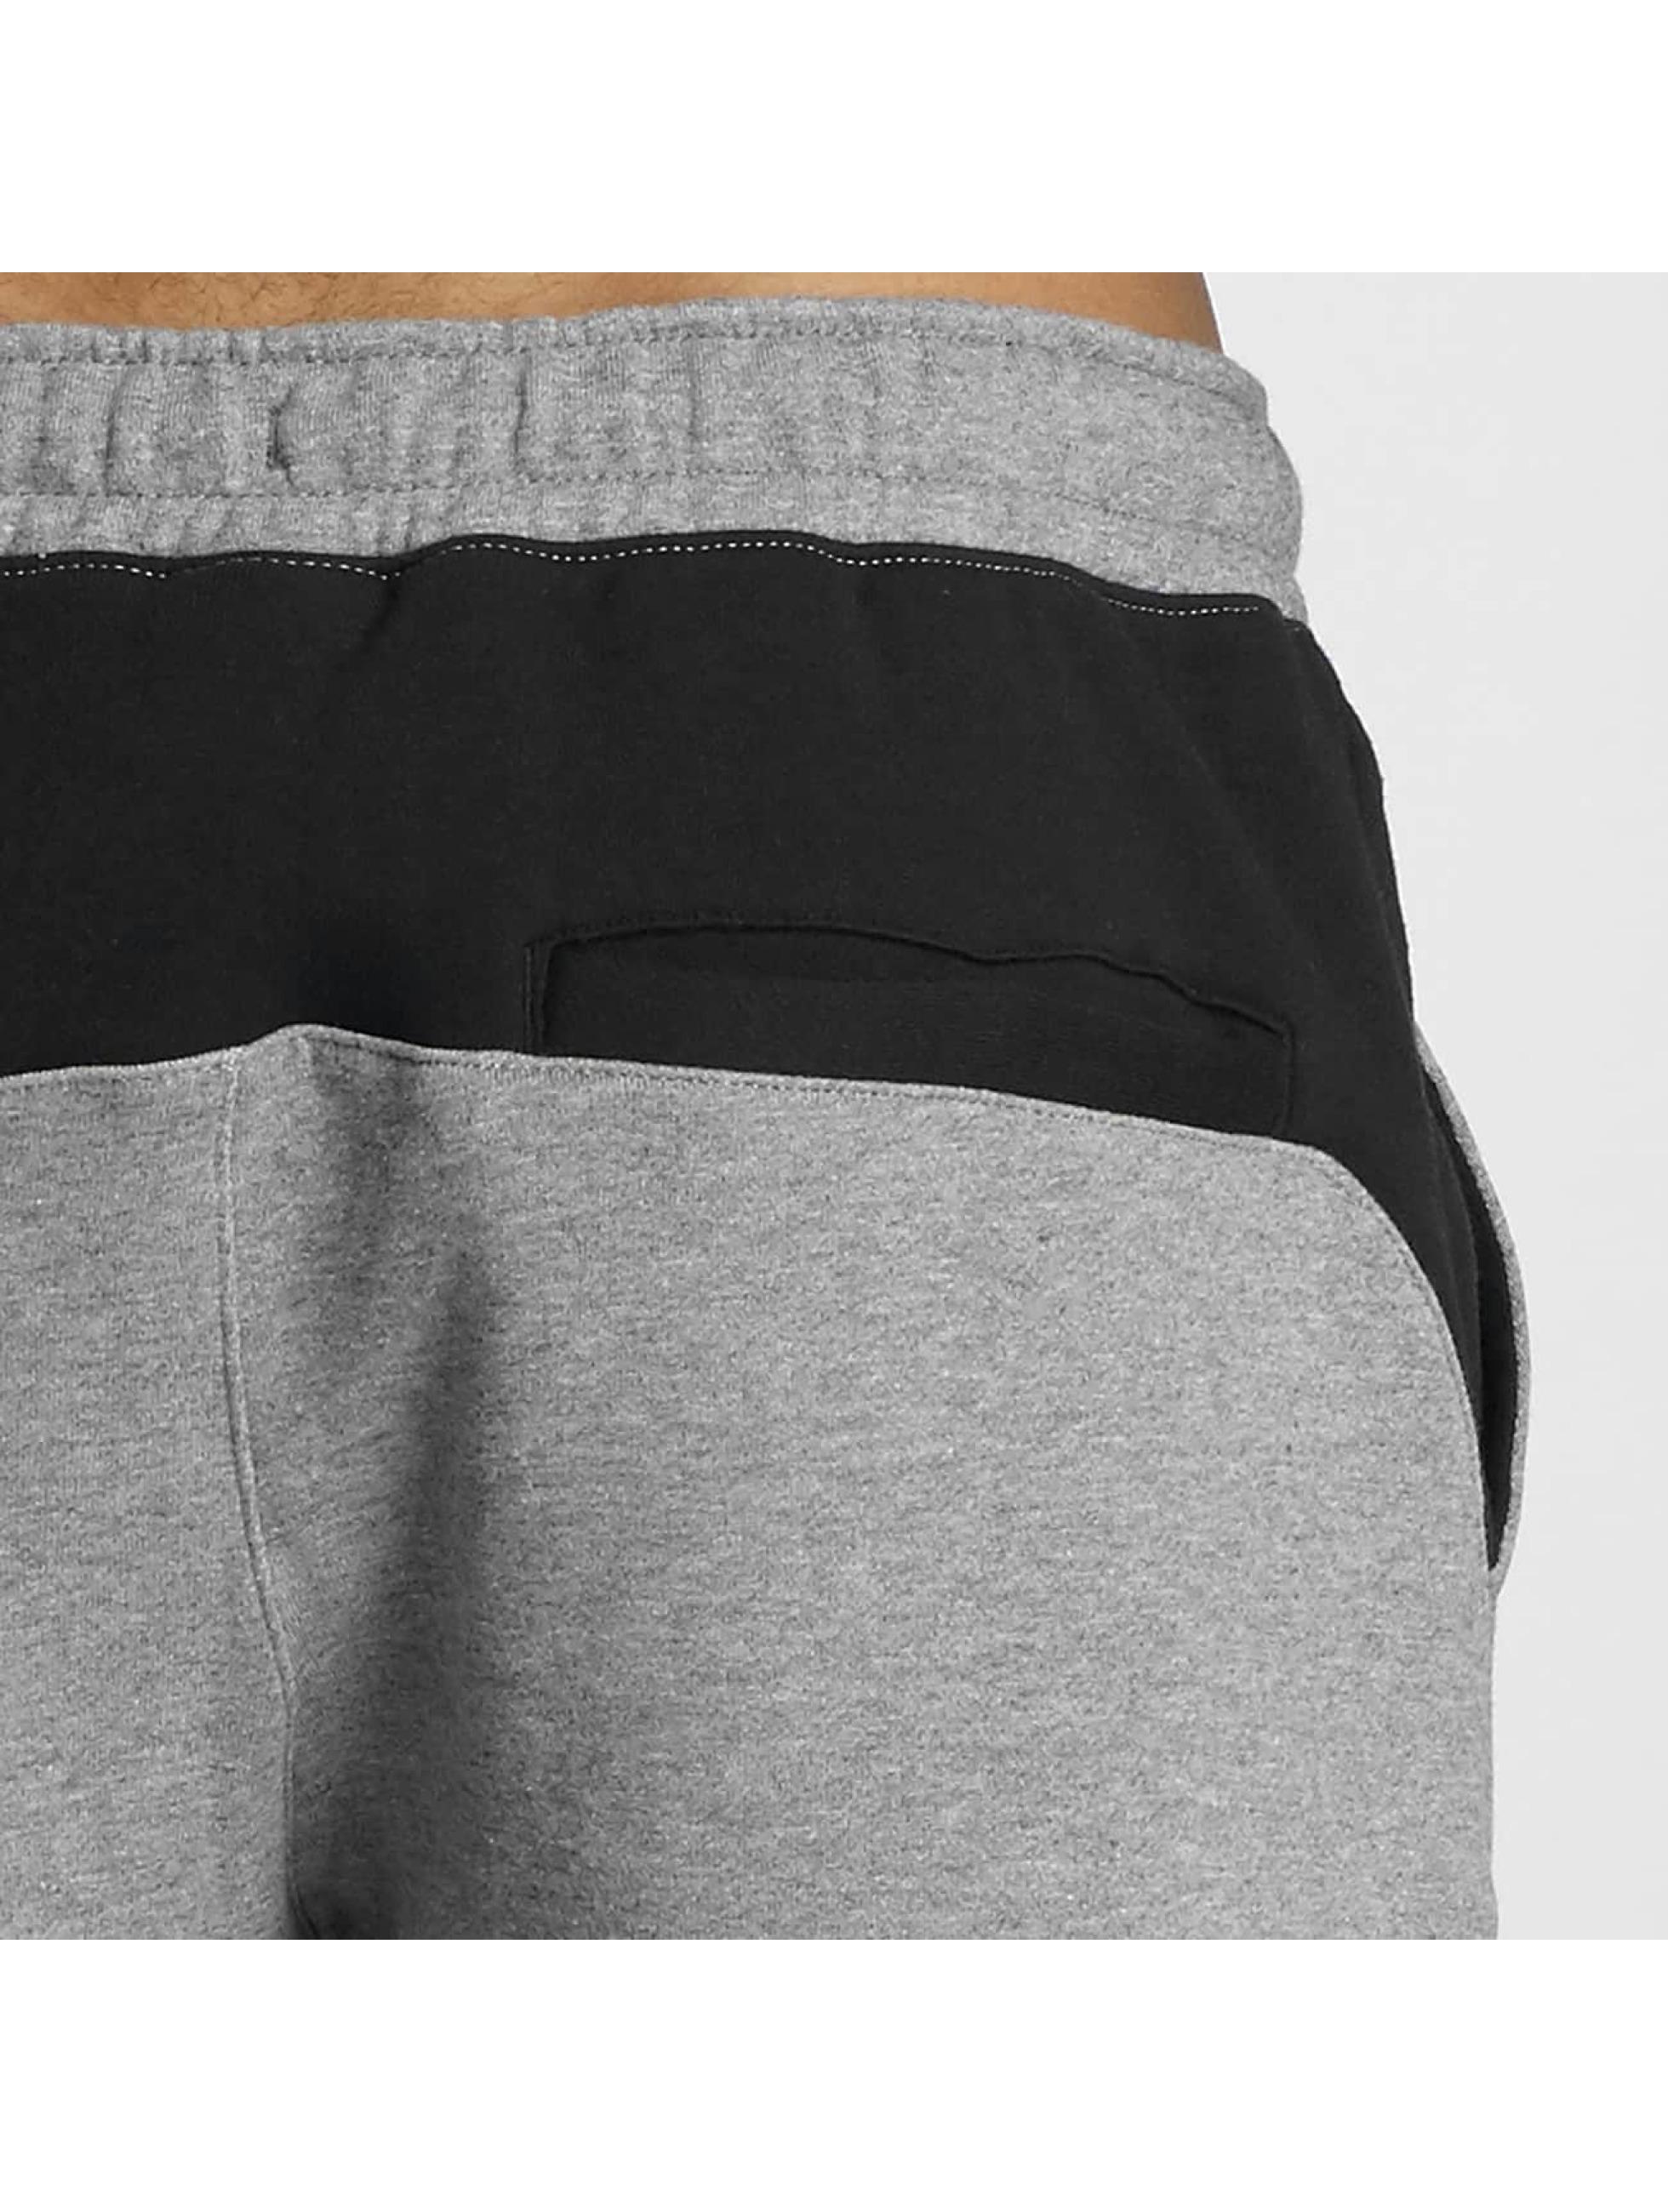 Nike Short NSW BB Air Hybrid grey